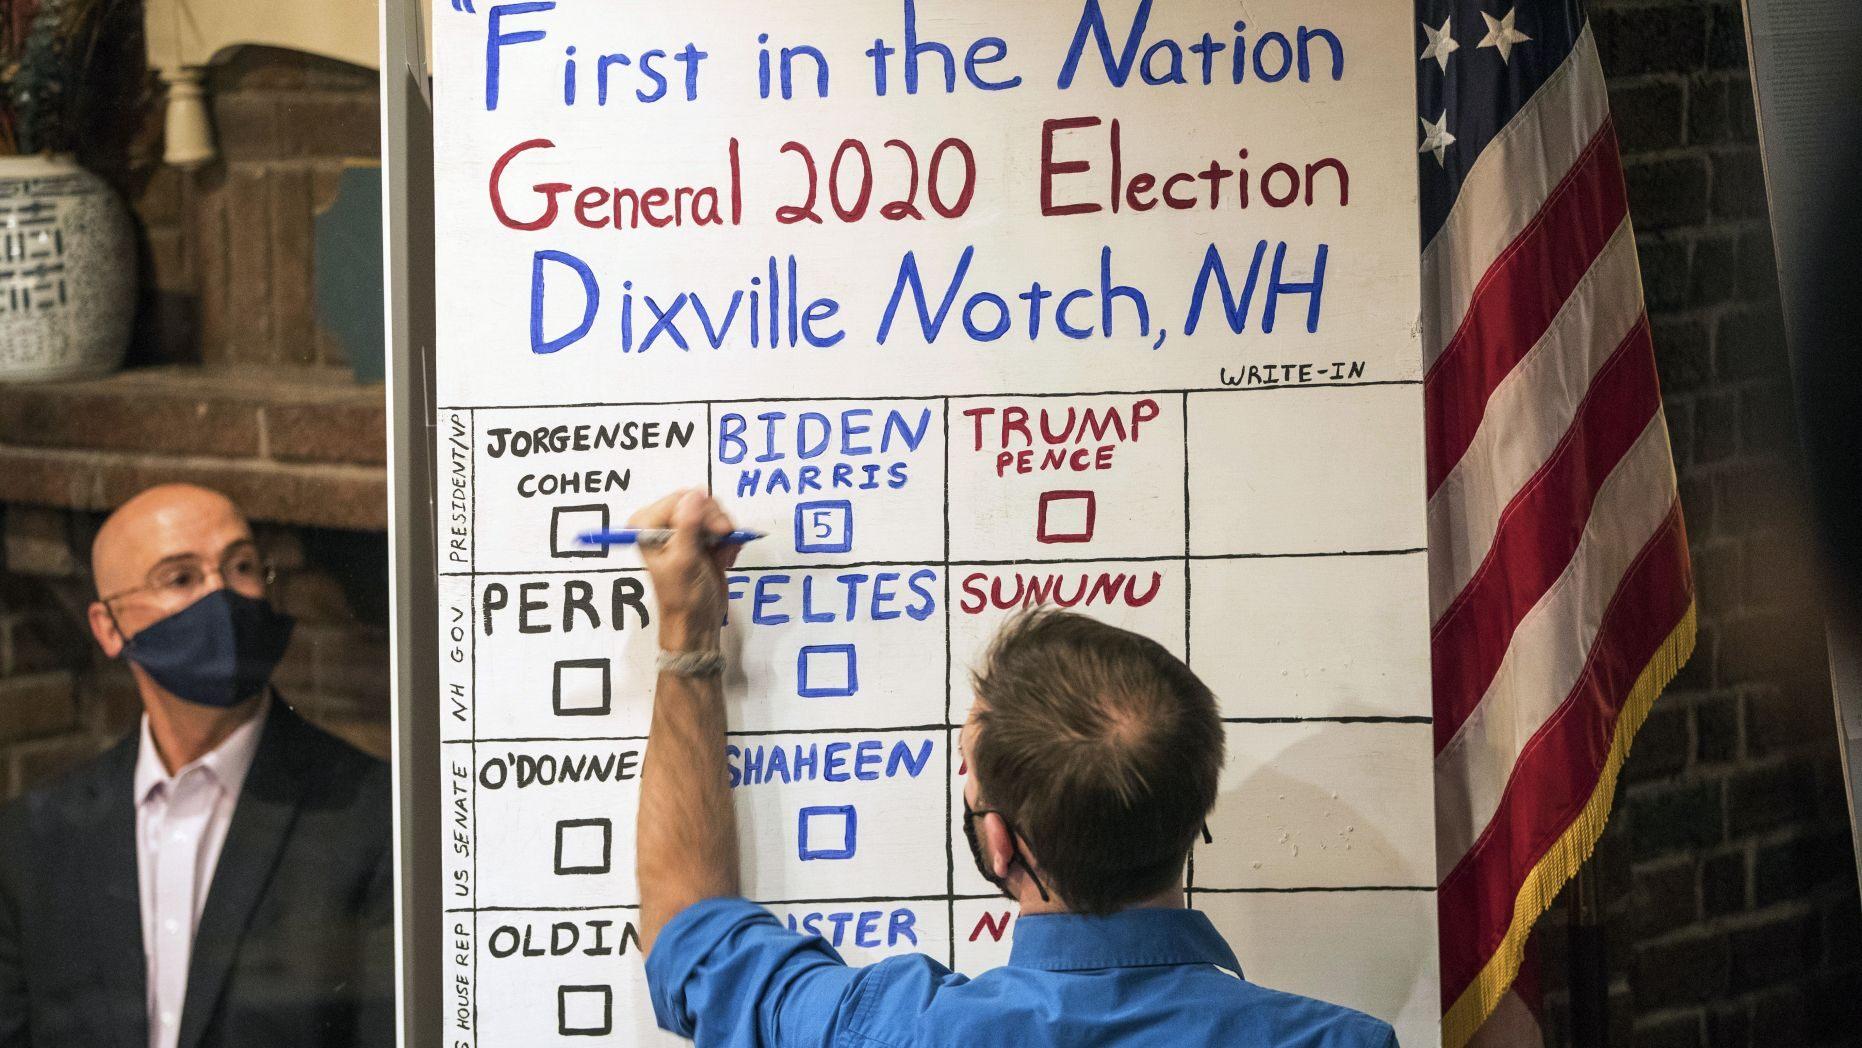 أول نتيجة بالانتخابات.. بايدن يفوز في ديكسفيل نوتش وترامب يكسب ميلسفيلد